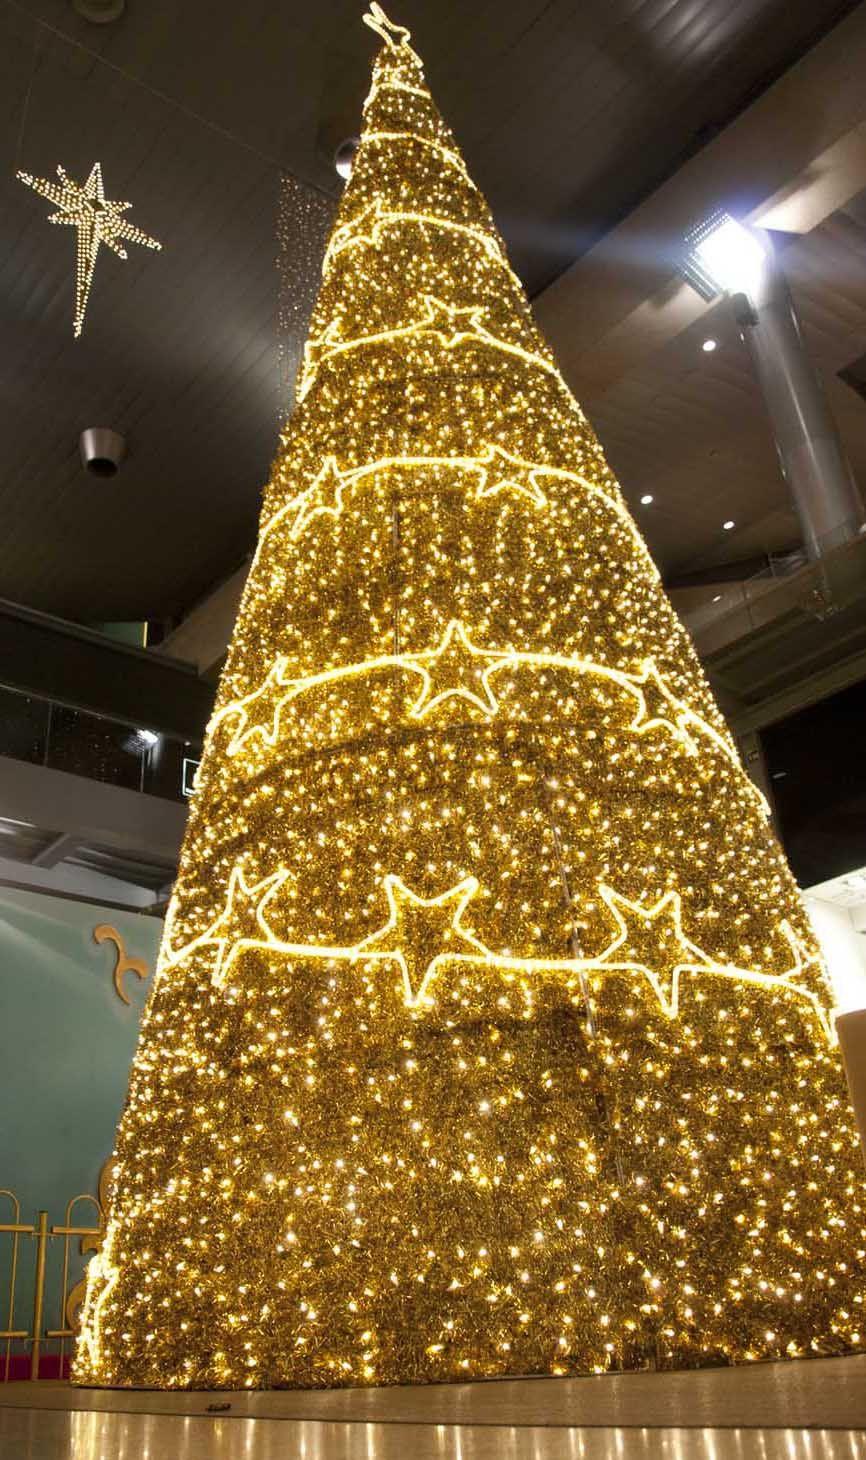 Decoraci n navidad centros comerciales fabregat una for Decoracion navidad